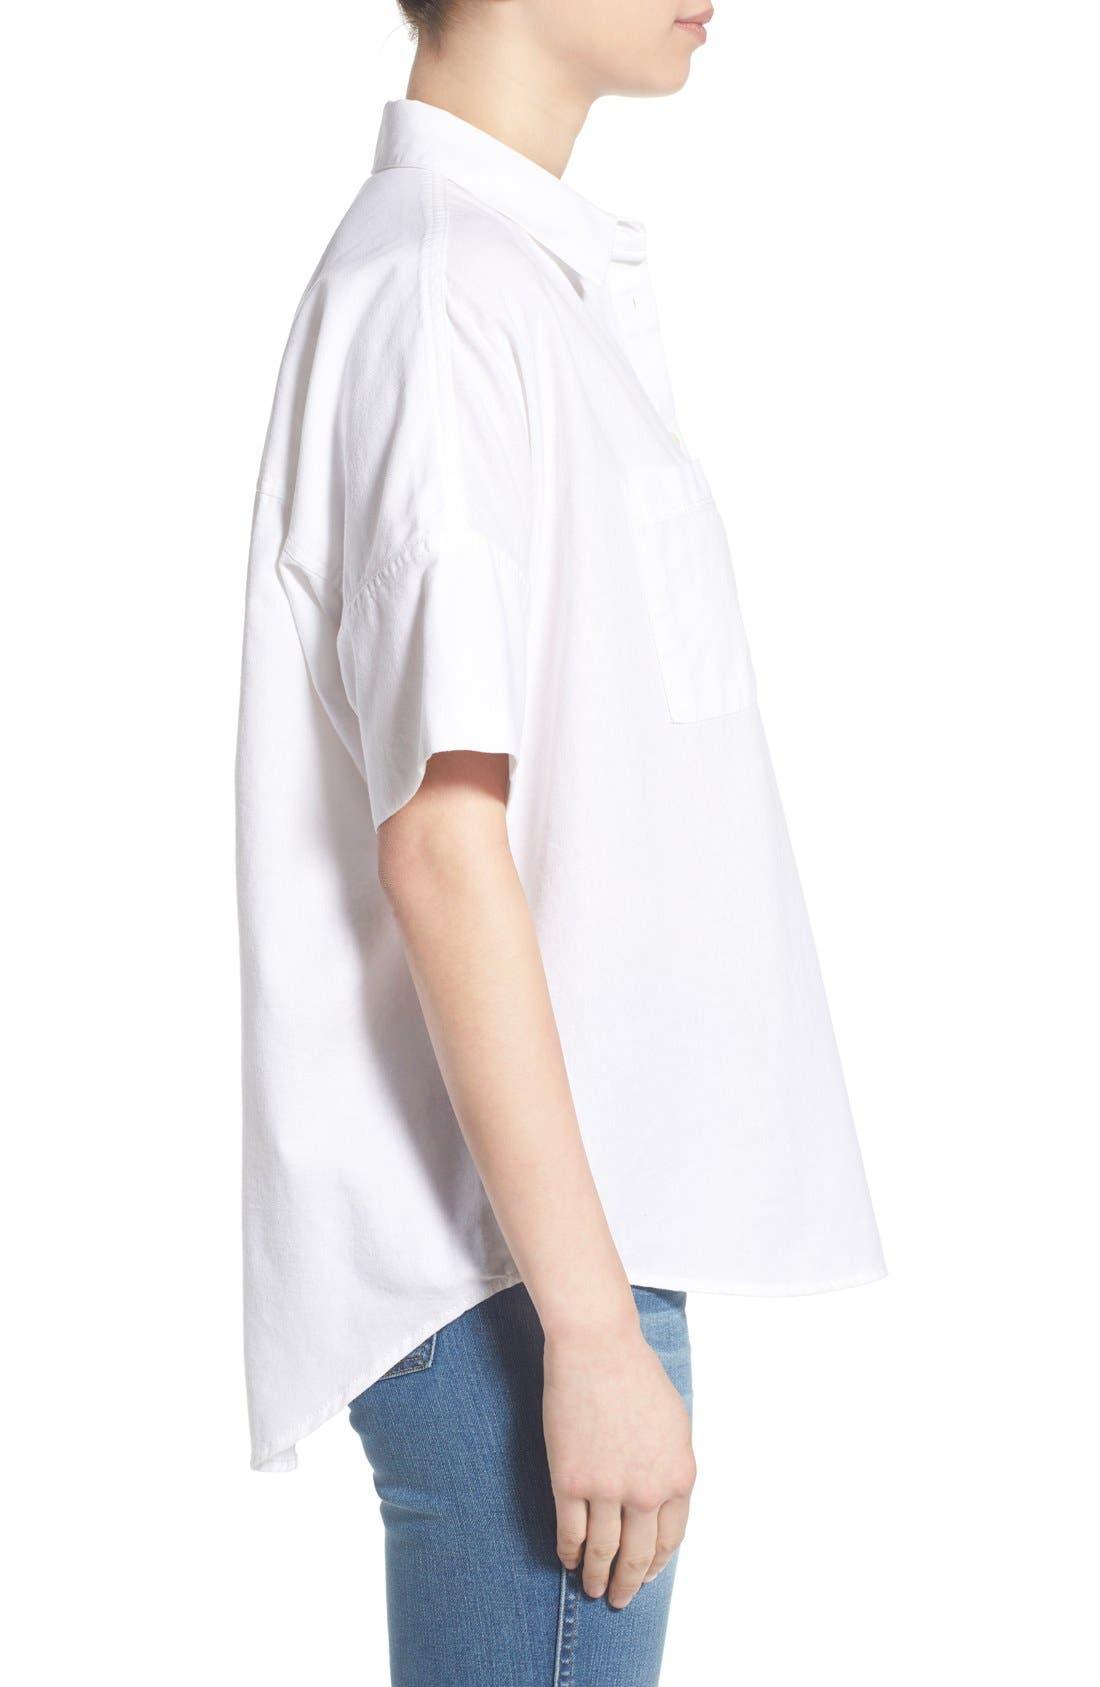 Cotton Courier Shirt,                             Alternate thumbnail 11, color,                             PURE WHITE